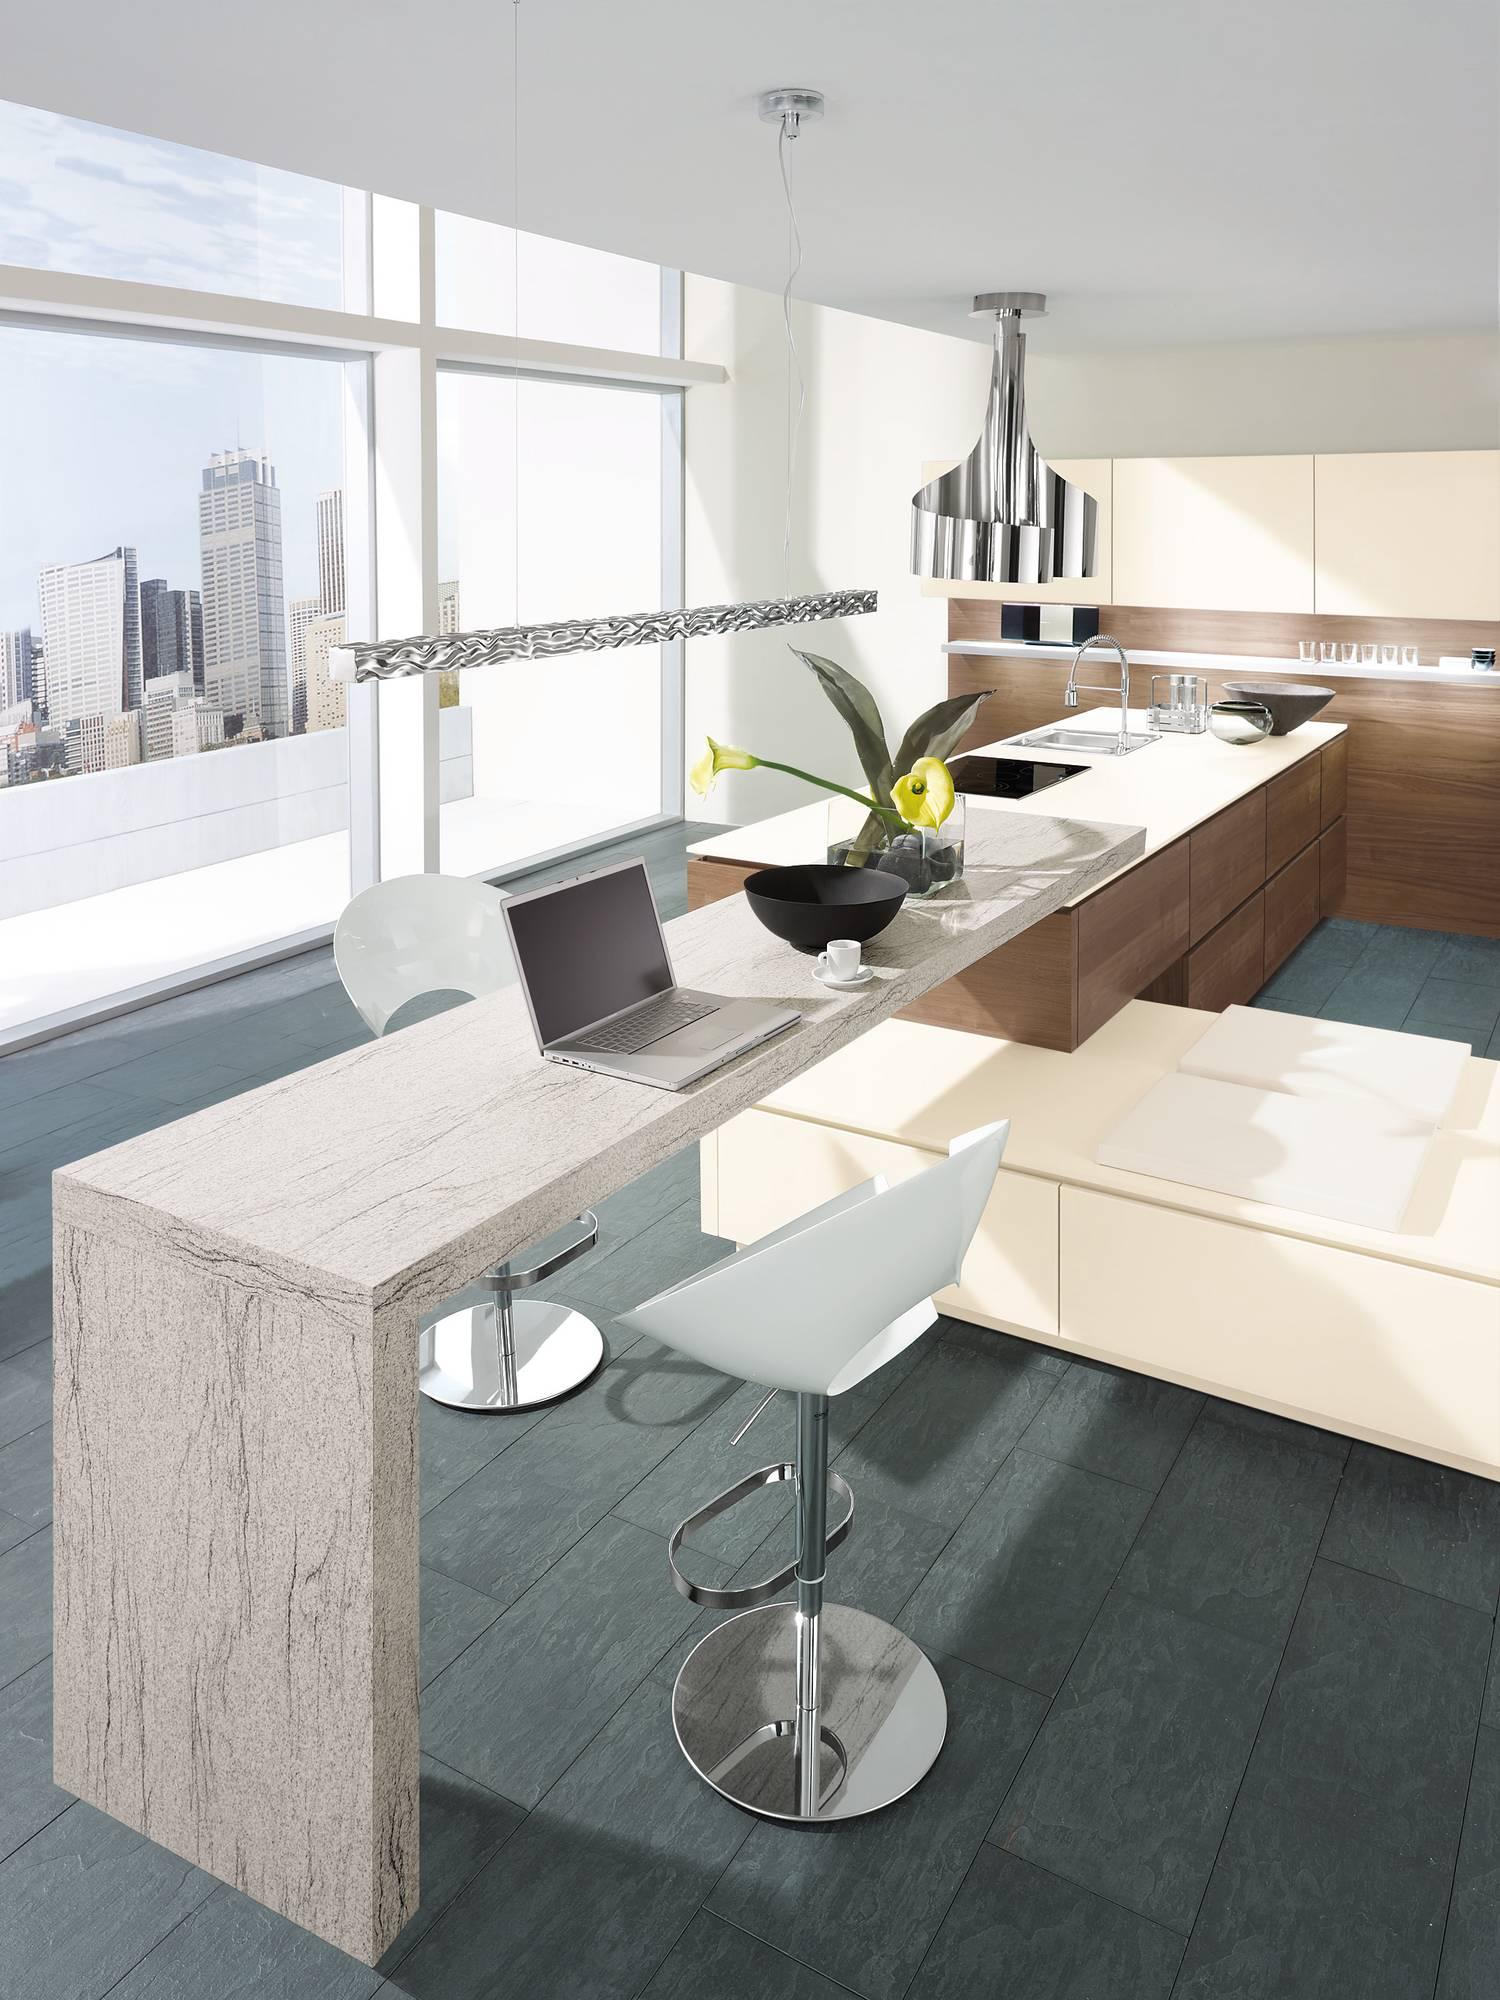 al36249510 m bel weber neustadt landau karlsruhe. Black Bedroom Furniture Sets. Home Design Ideas